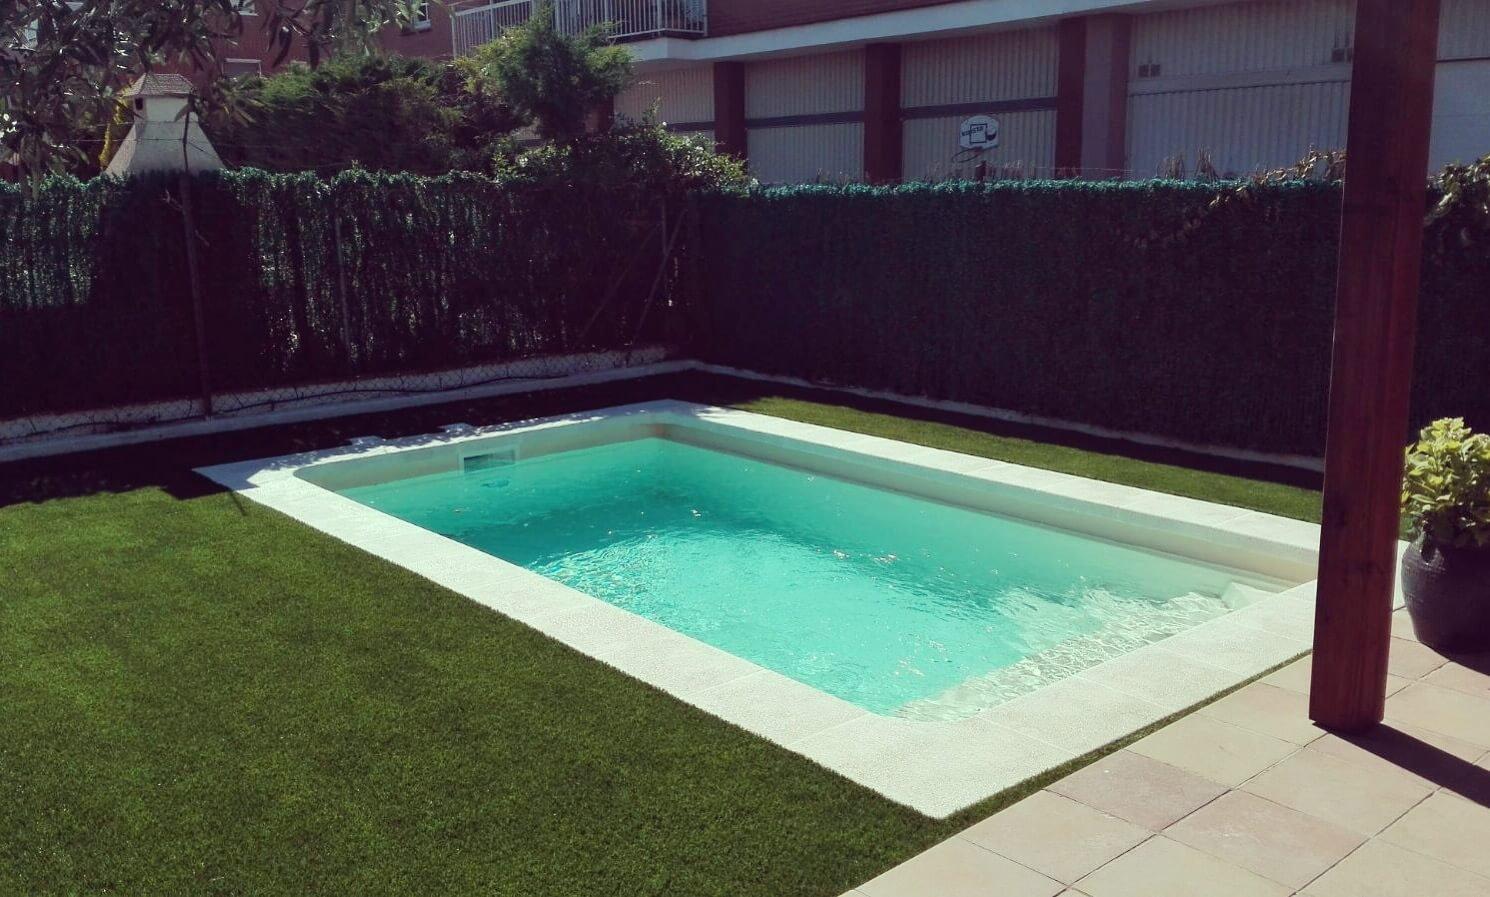 Construcci n piscinas barcelona archivos piscinas area - Construccion piscinas barcelona ...